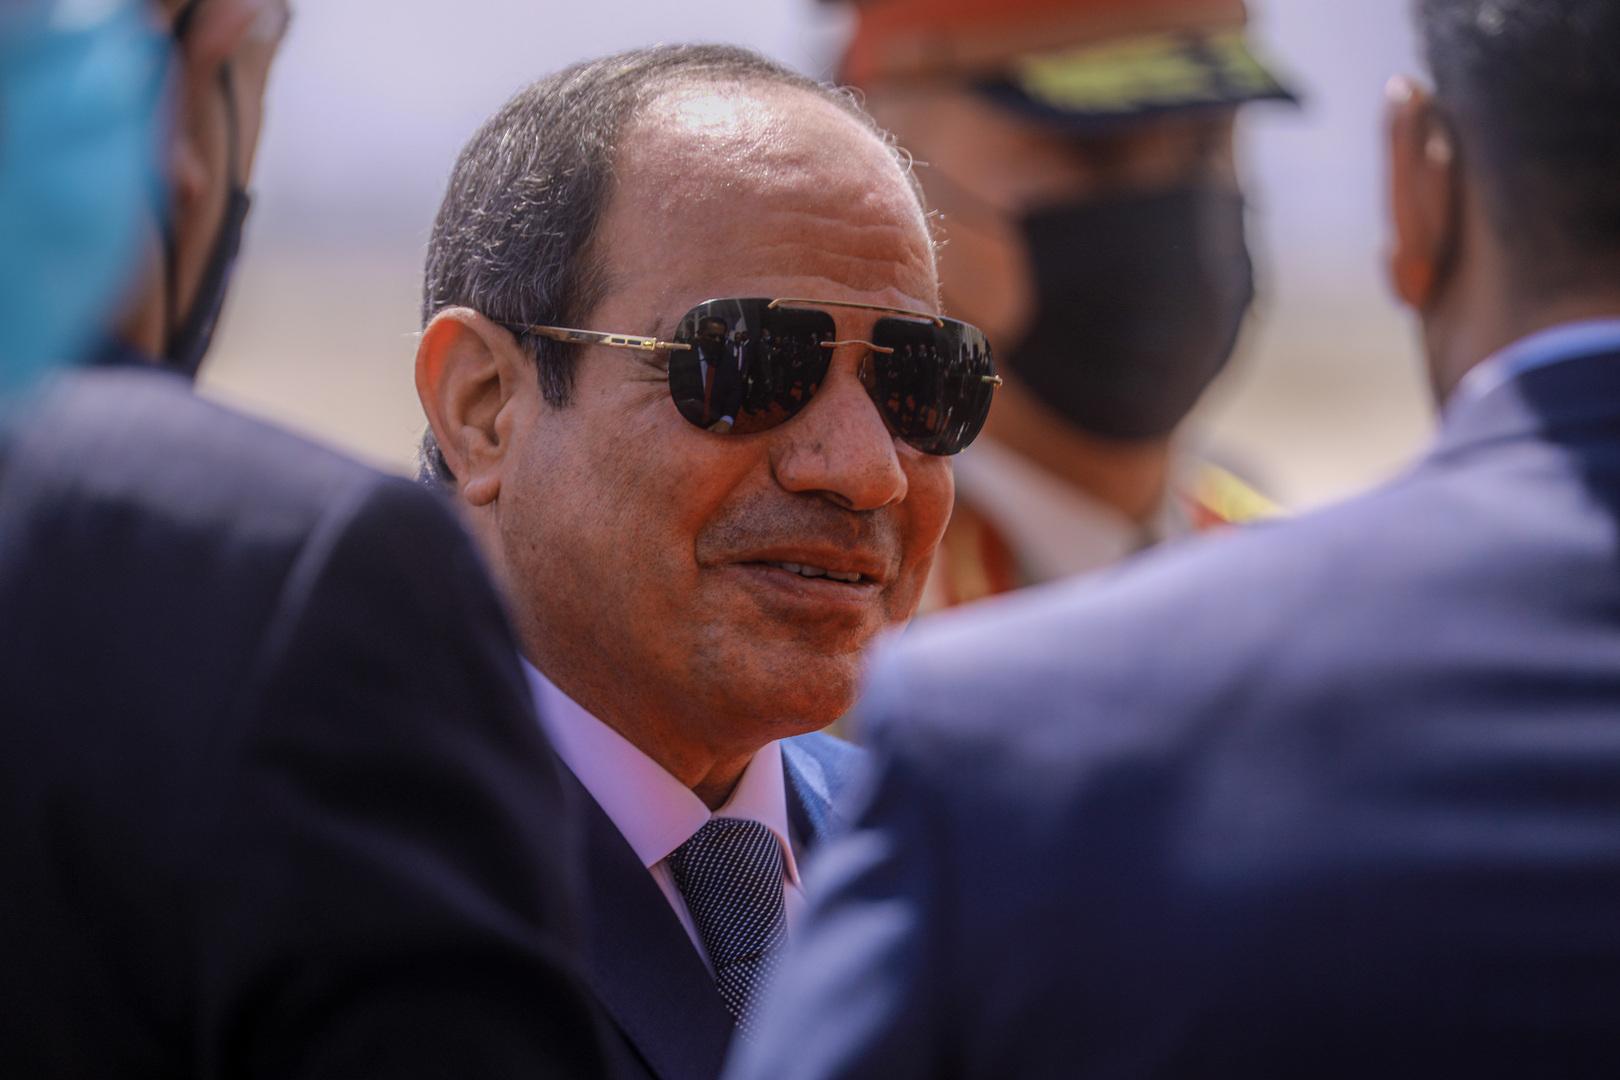 السيسي يعلن عن الجمهورية الجديدة في مصر